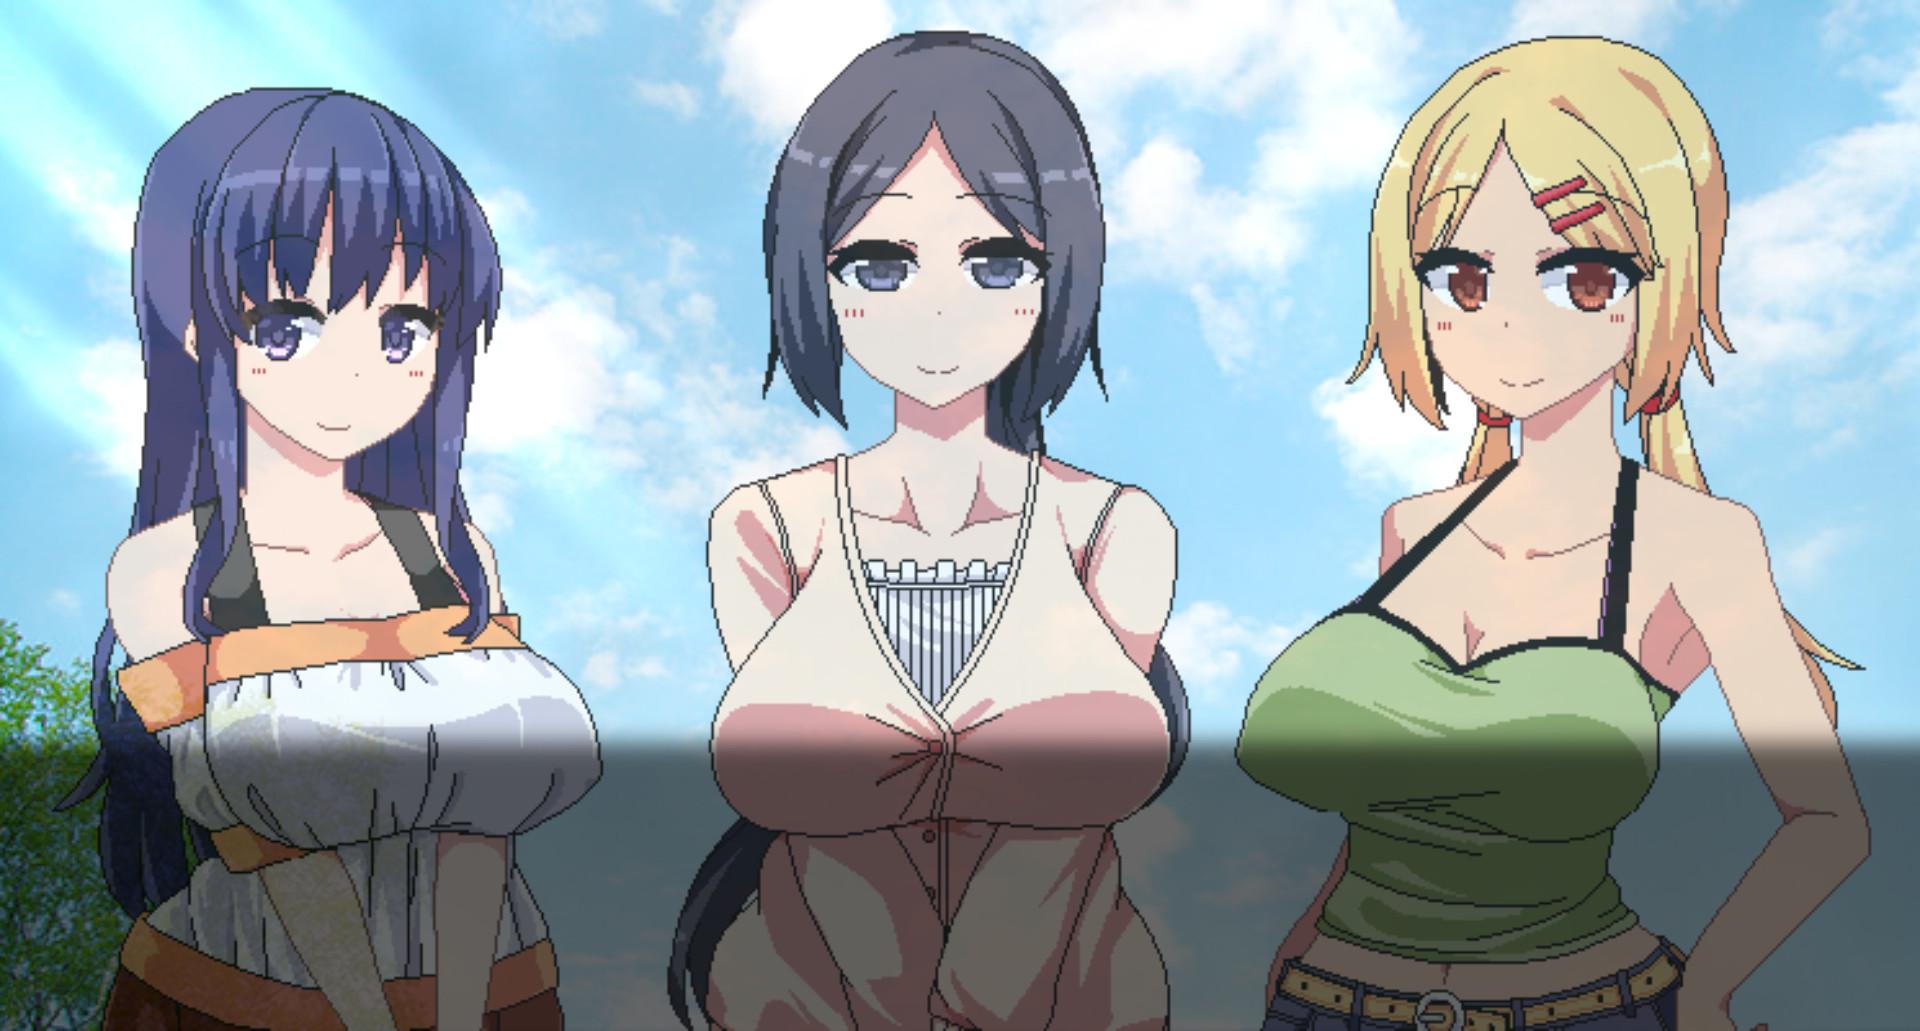 18禁遊戲《夏日狂想曲》無恥正太過暑假「撒嬌雖可恥但有砲打」!